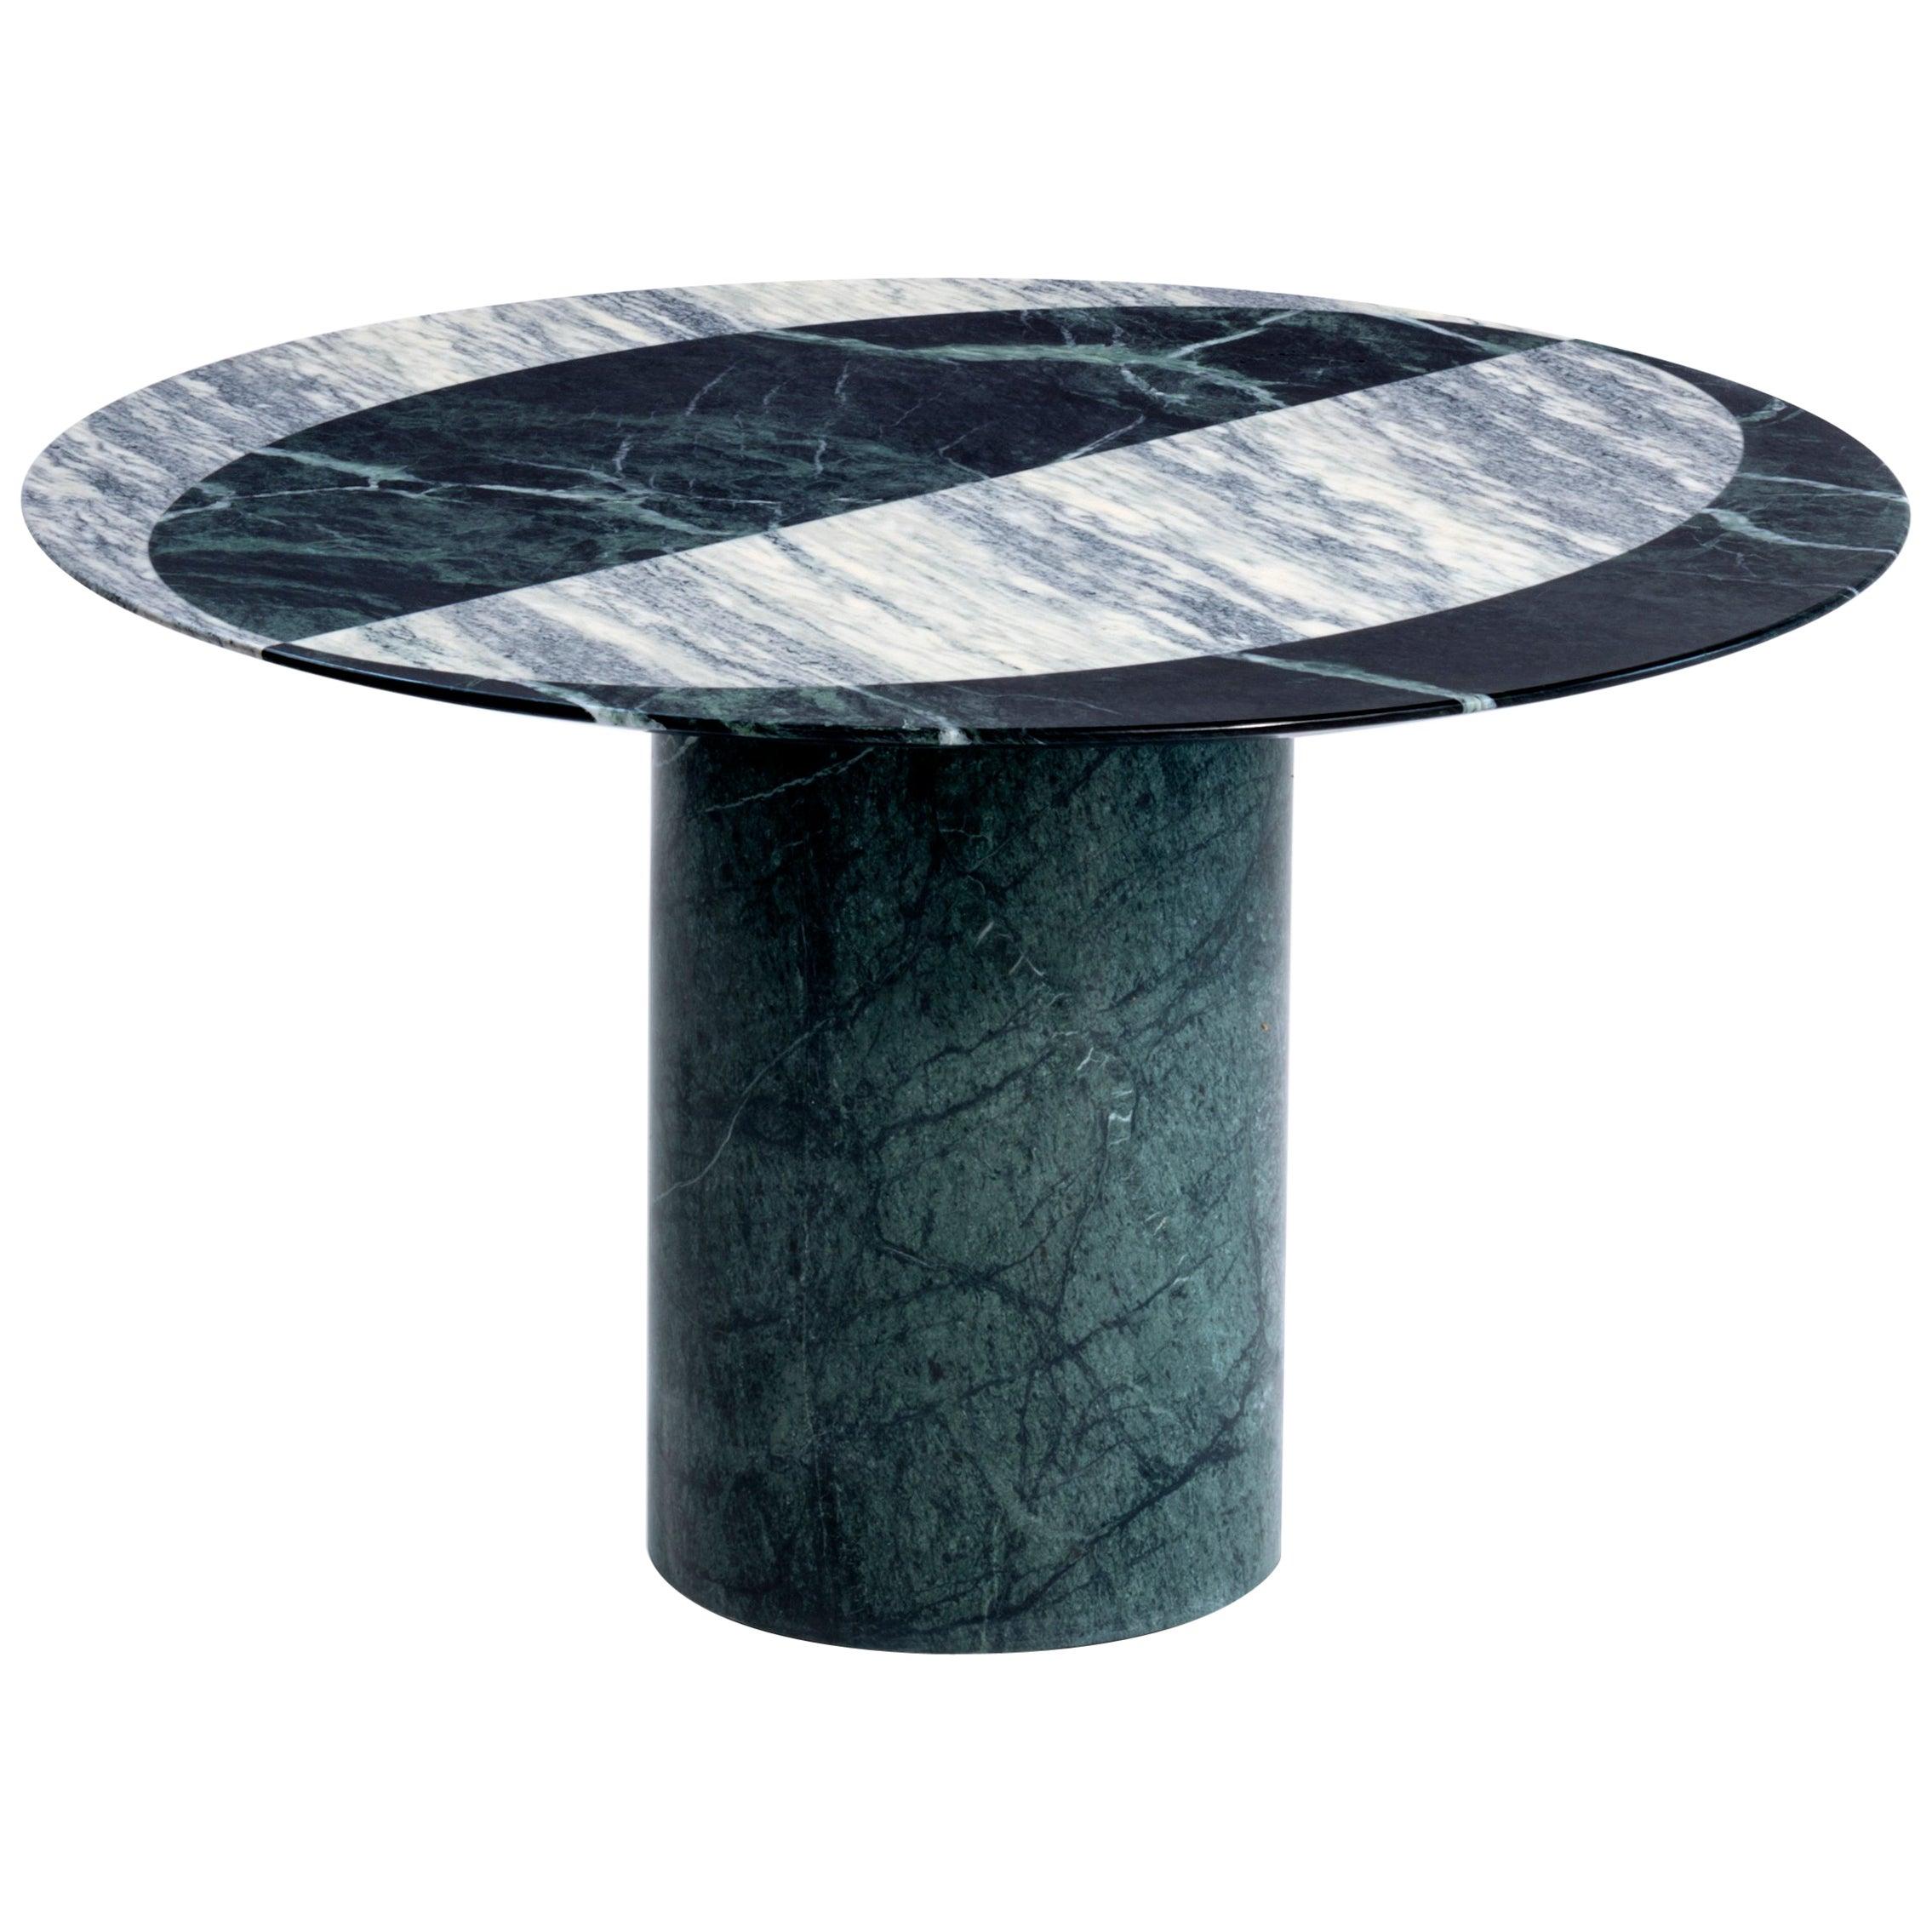 Proiezioni Side Table in Verde Alpi & Cipollino Marble by Elisa Ossino